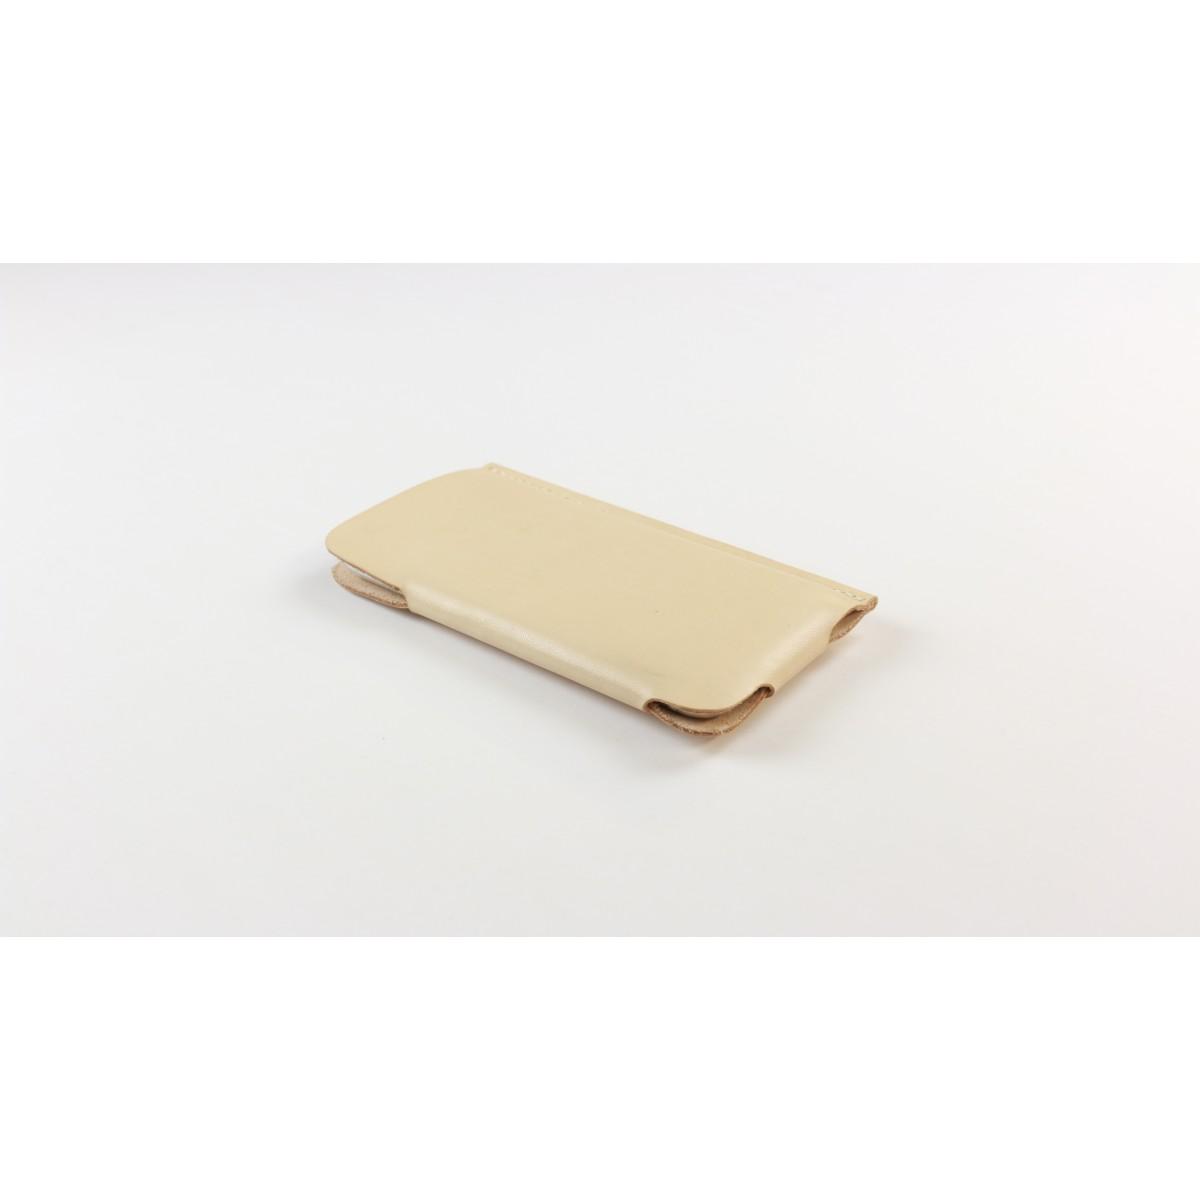 iPhone 6/6S Slim Fit Hülle aus Leder in Farbe natur [natur]